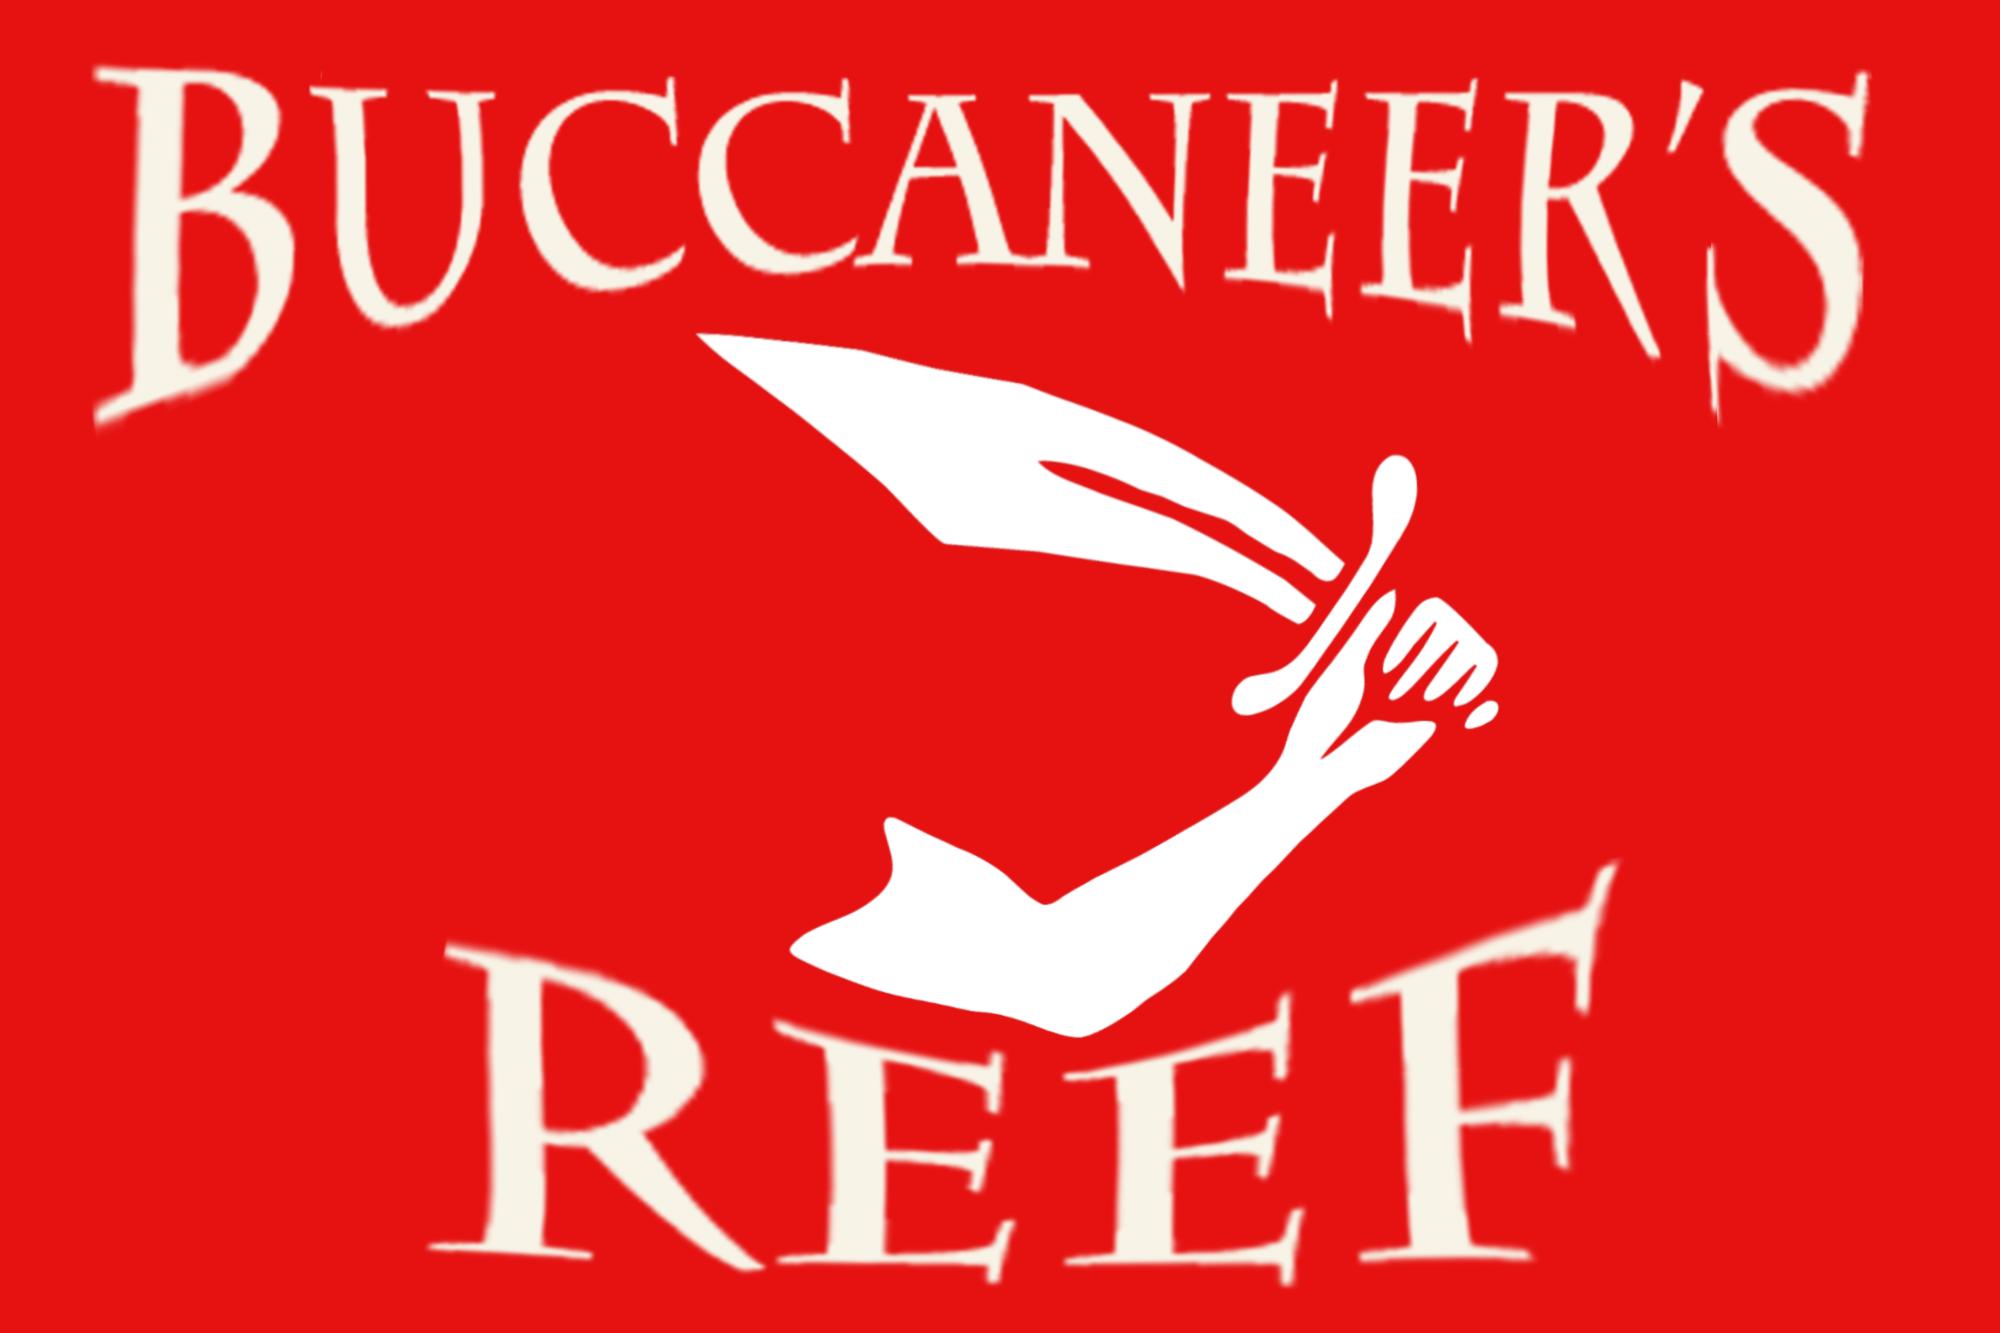 Buccaneers reef logo copy